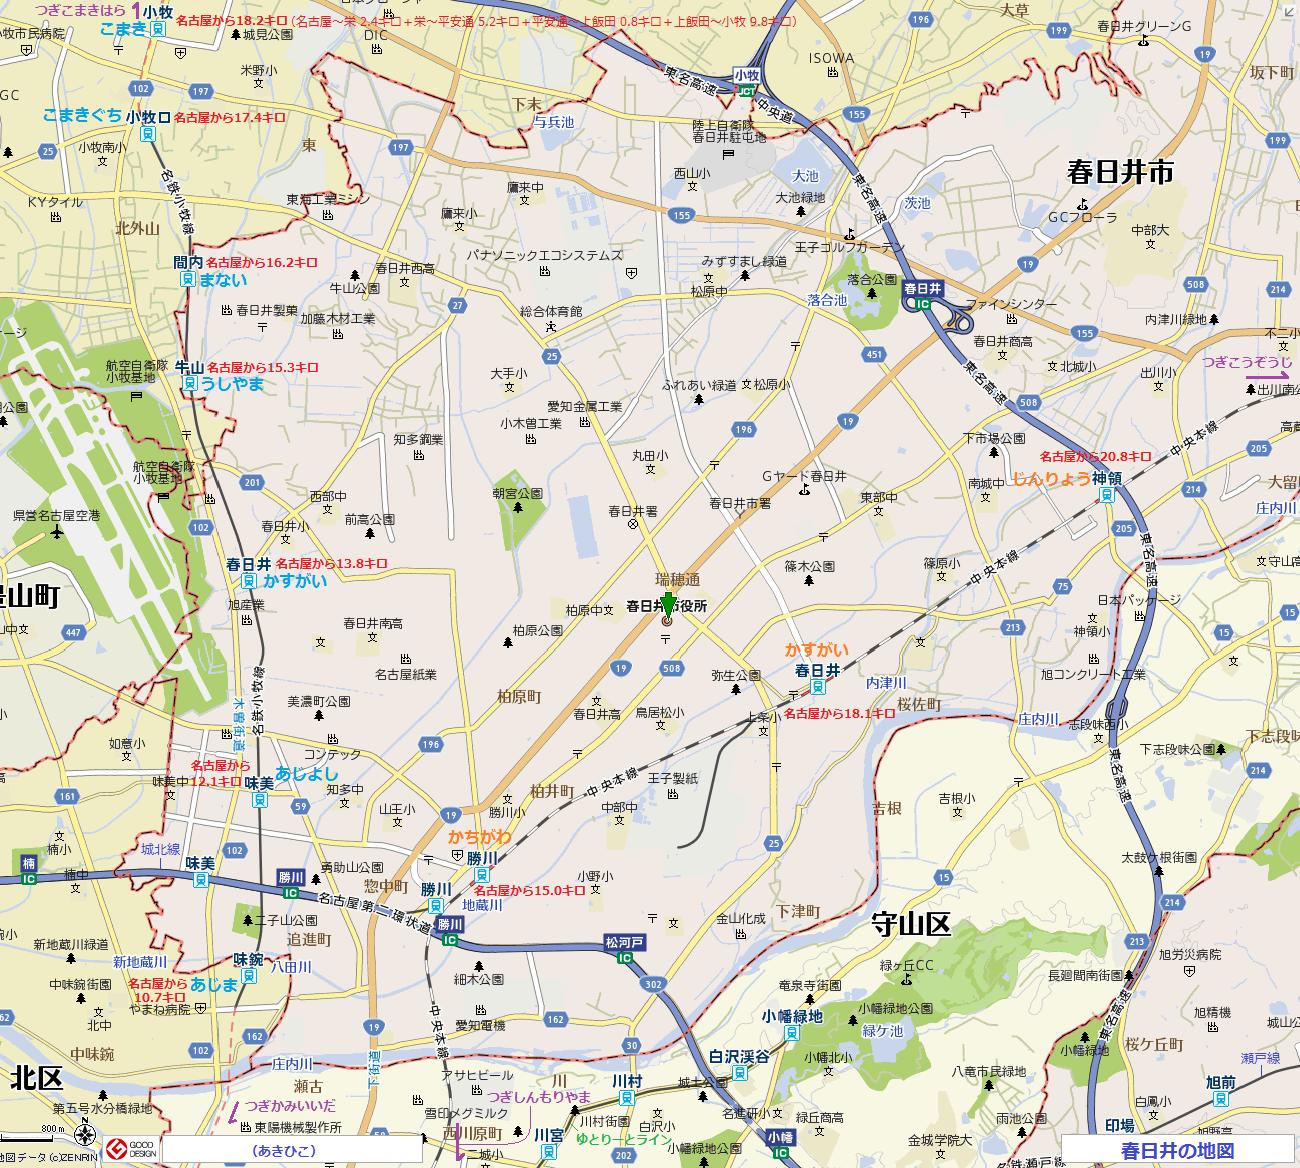 春日井の地図(あきひこ)